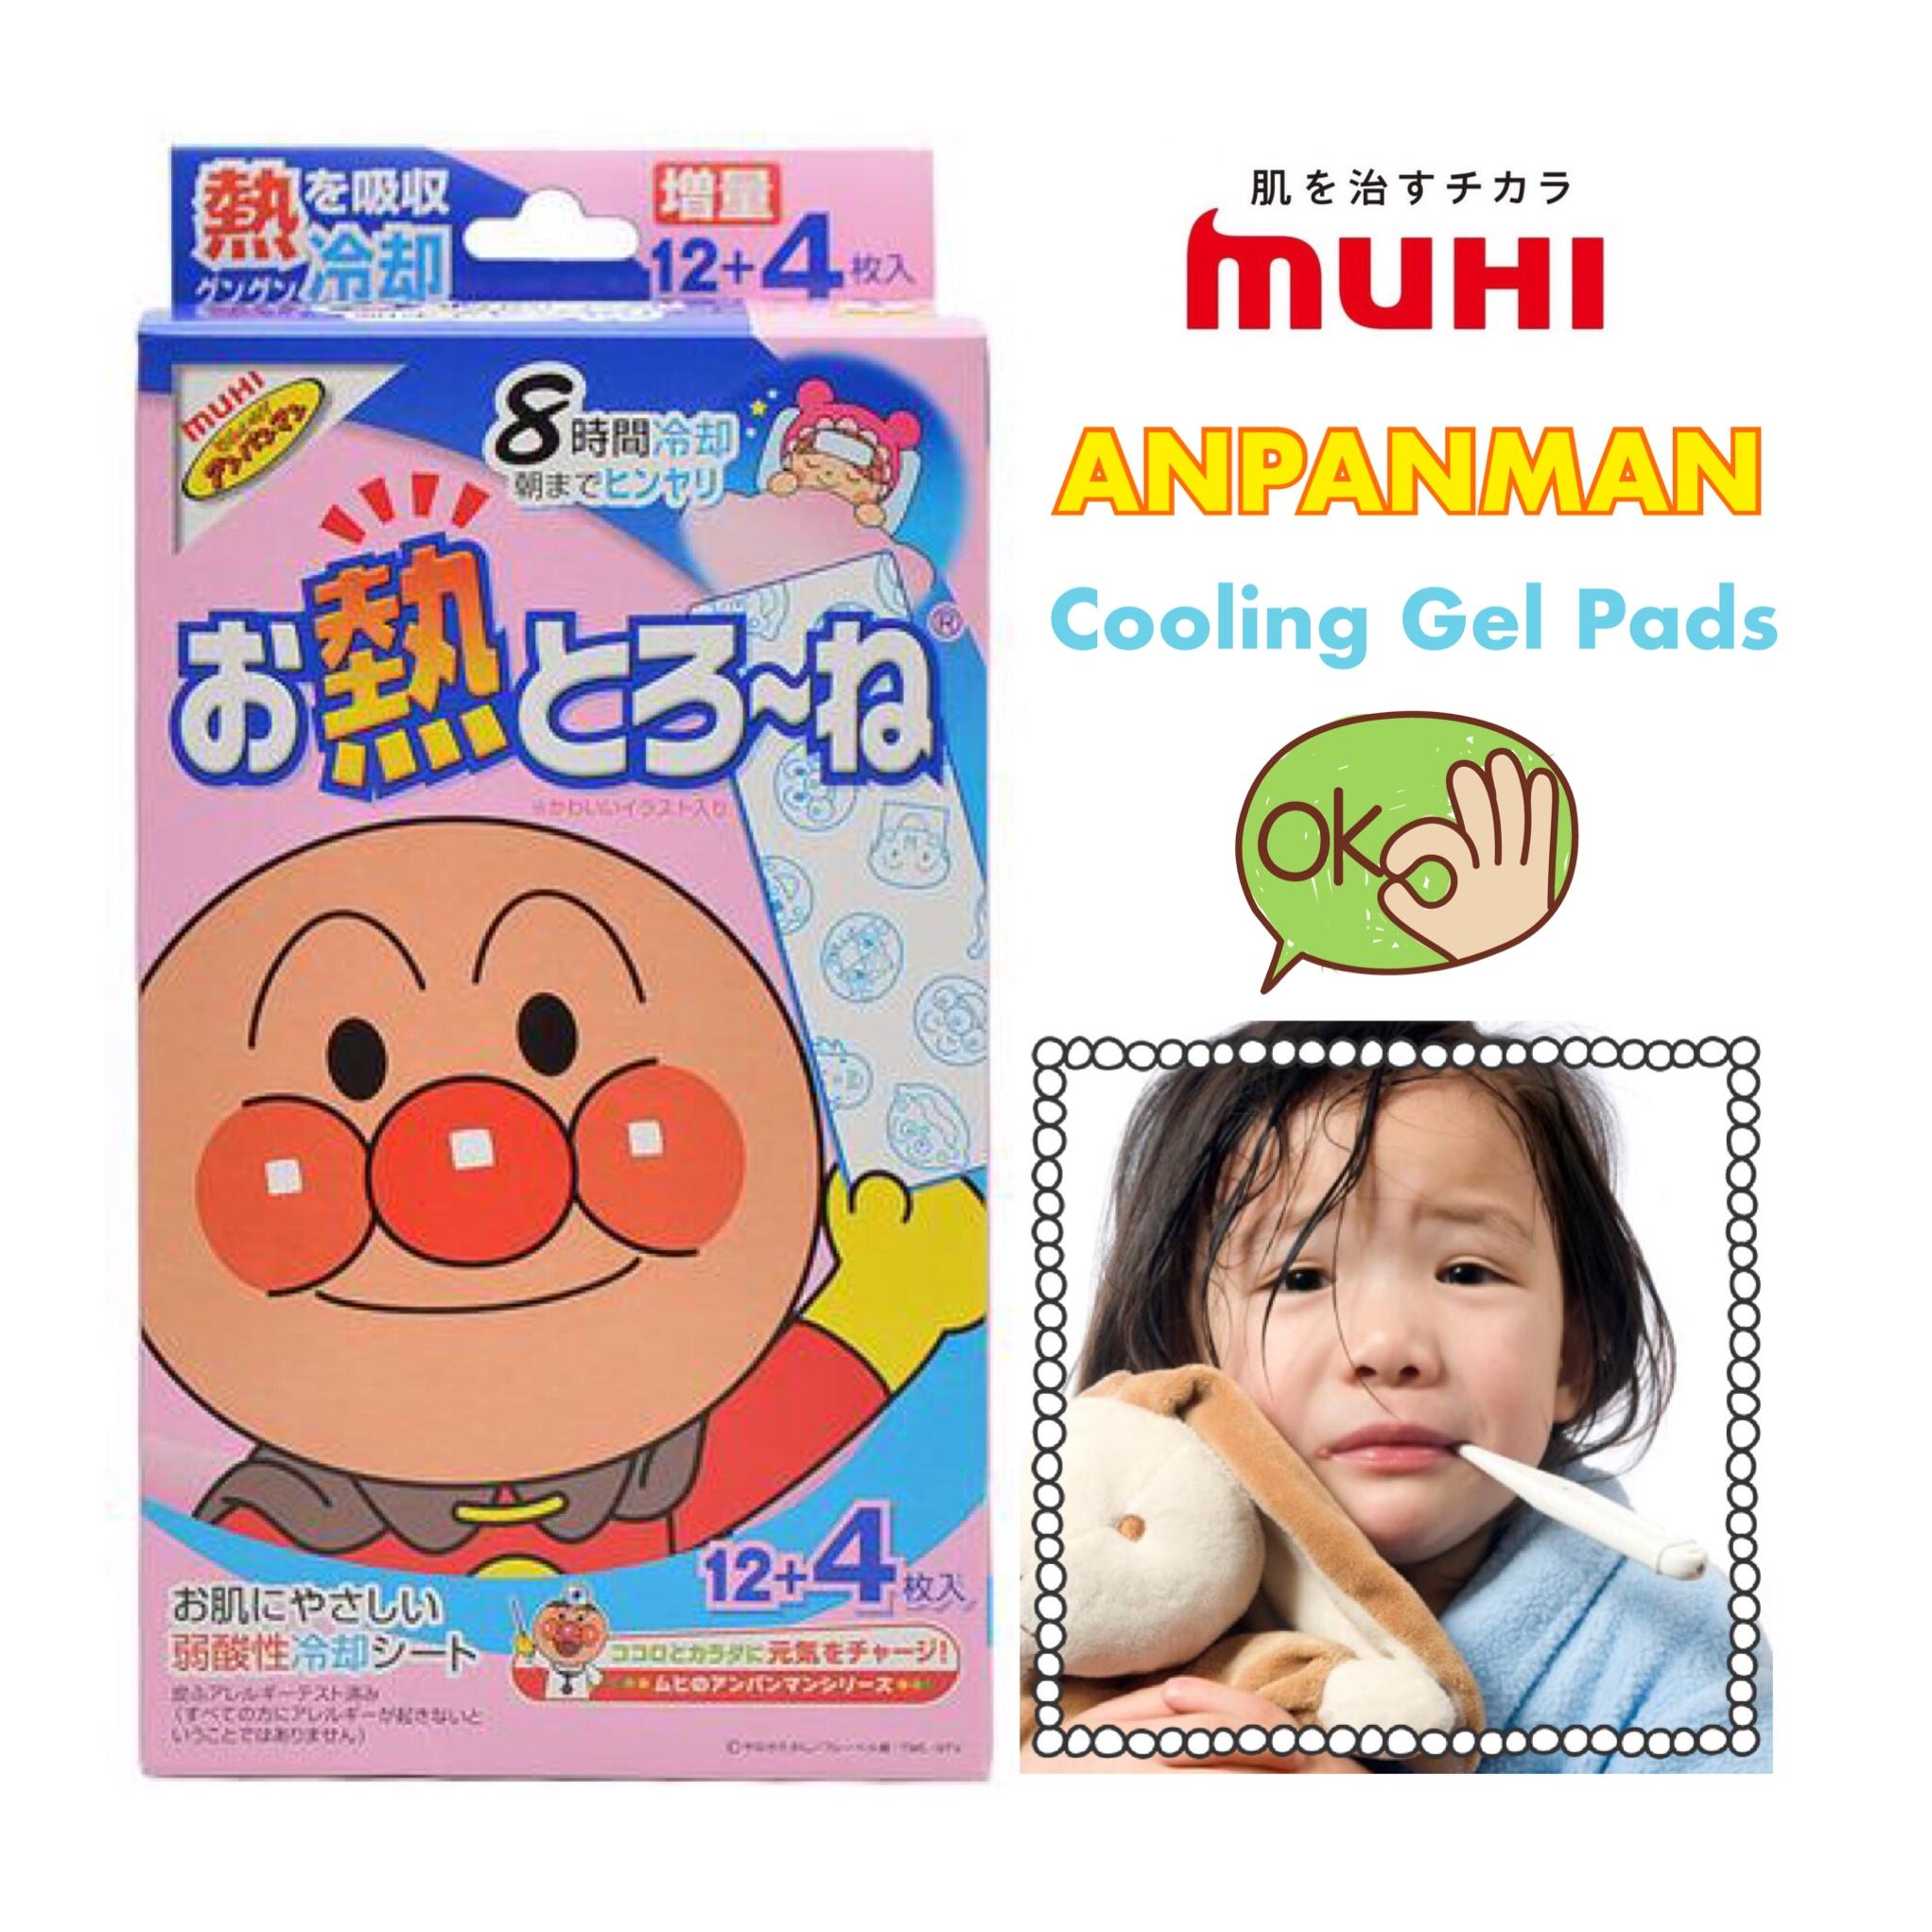 แผ่นแปะหน้าผากลดไข้สำหรับเด็ก Muhi Anpanman Cooling Gel Pads